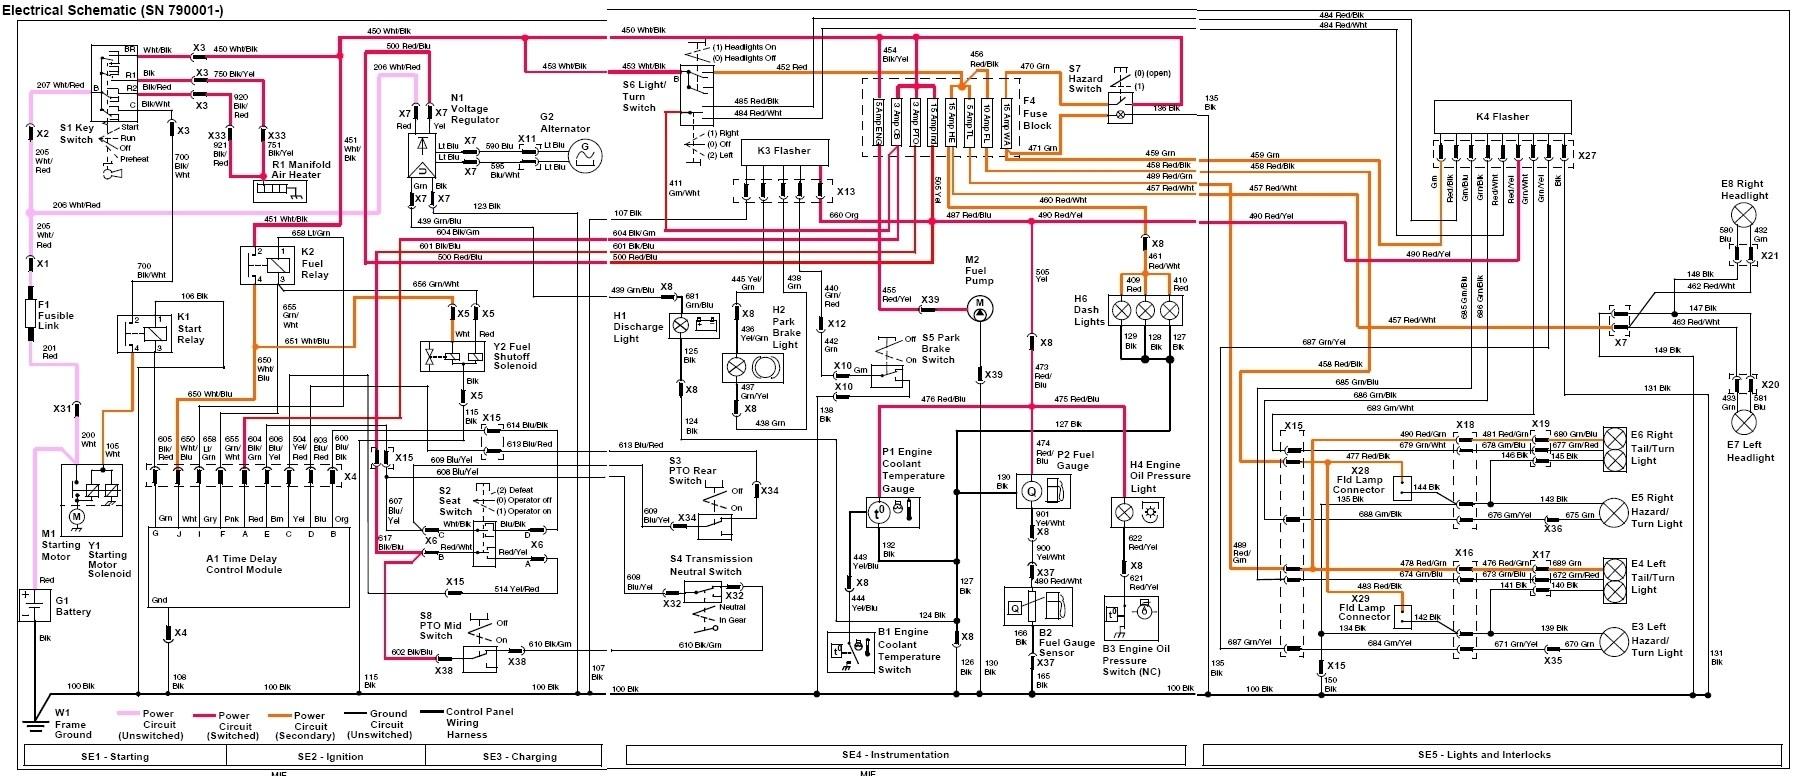 NE_9470] John Deere 2130 Wiring Diagram John Deere 4020 Wiring Diagram  Wiring DiagramIcand Stap Diog Kicep Trofu Dome Mohammedshrine Librar Wiring 101